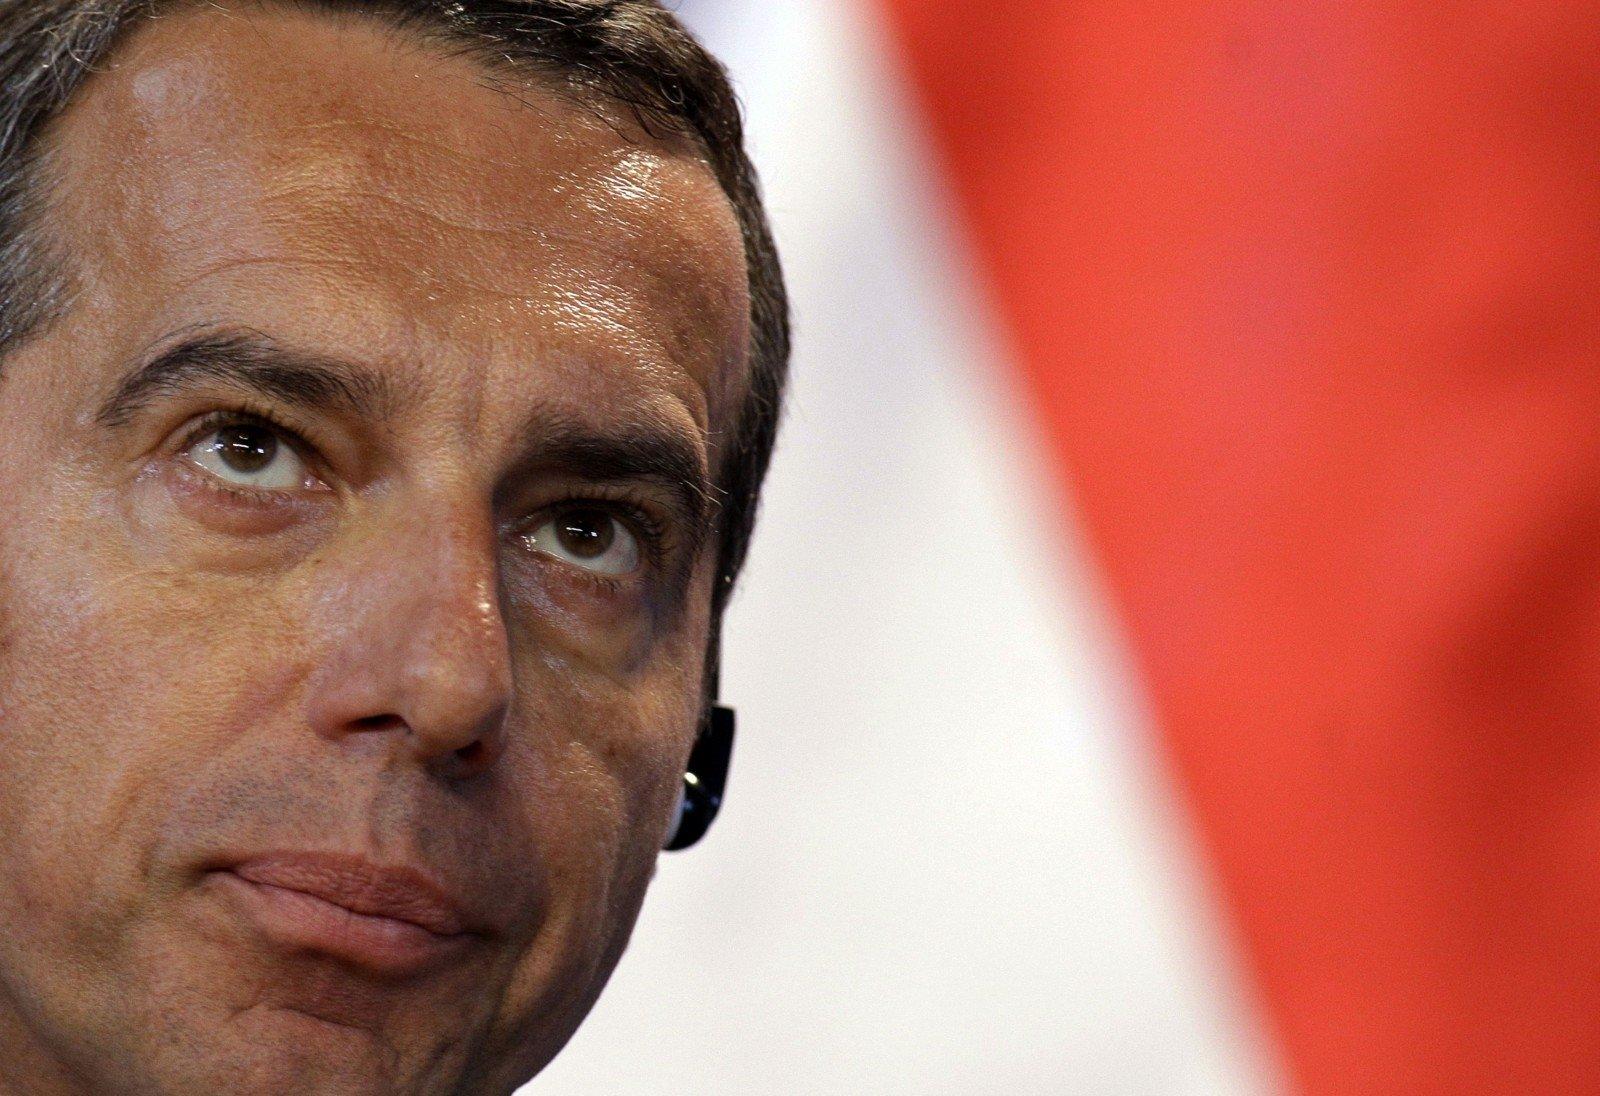 ВАвстрии пройдут досрочные парламентские выборы